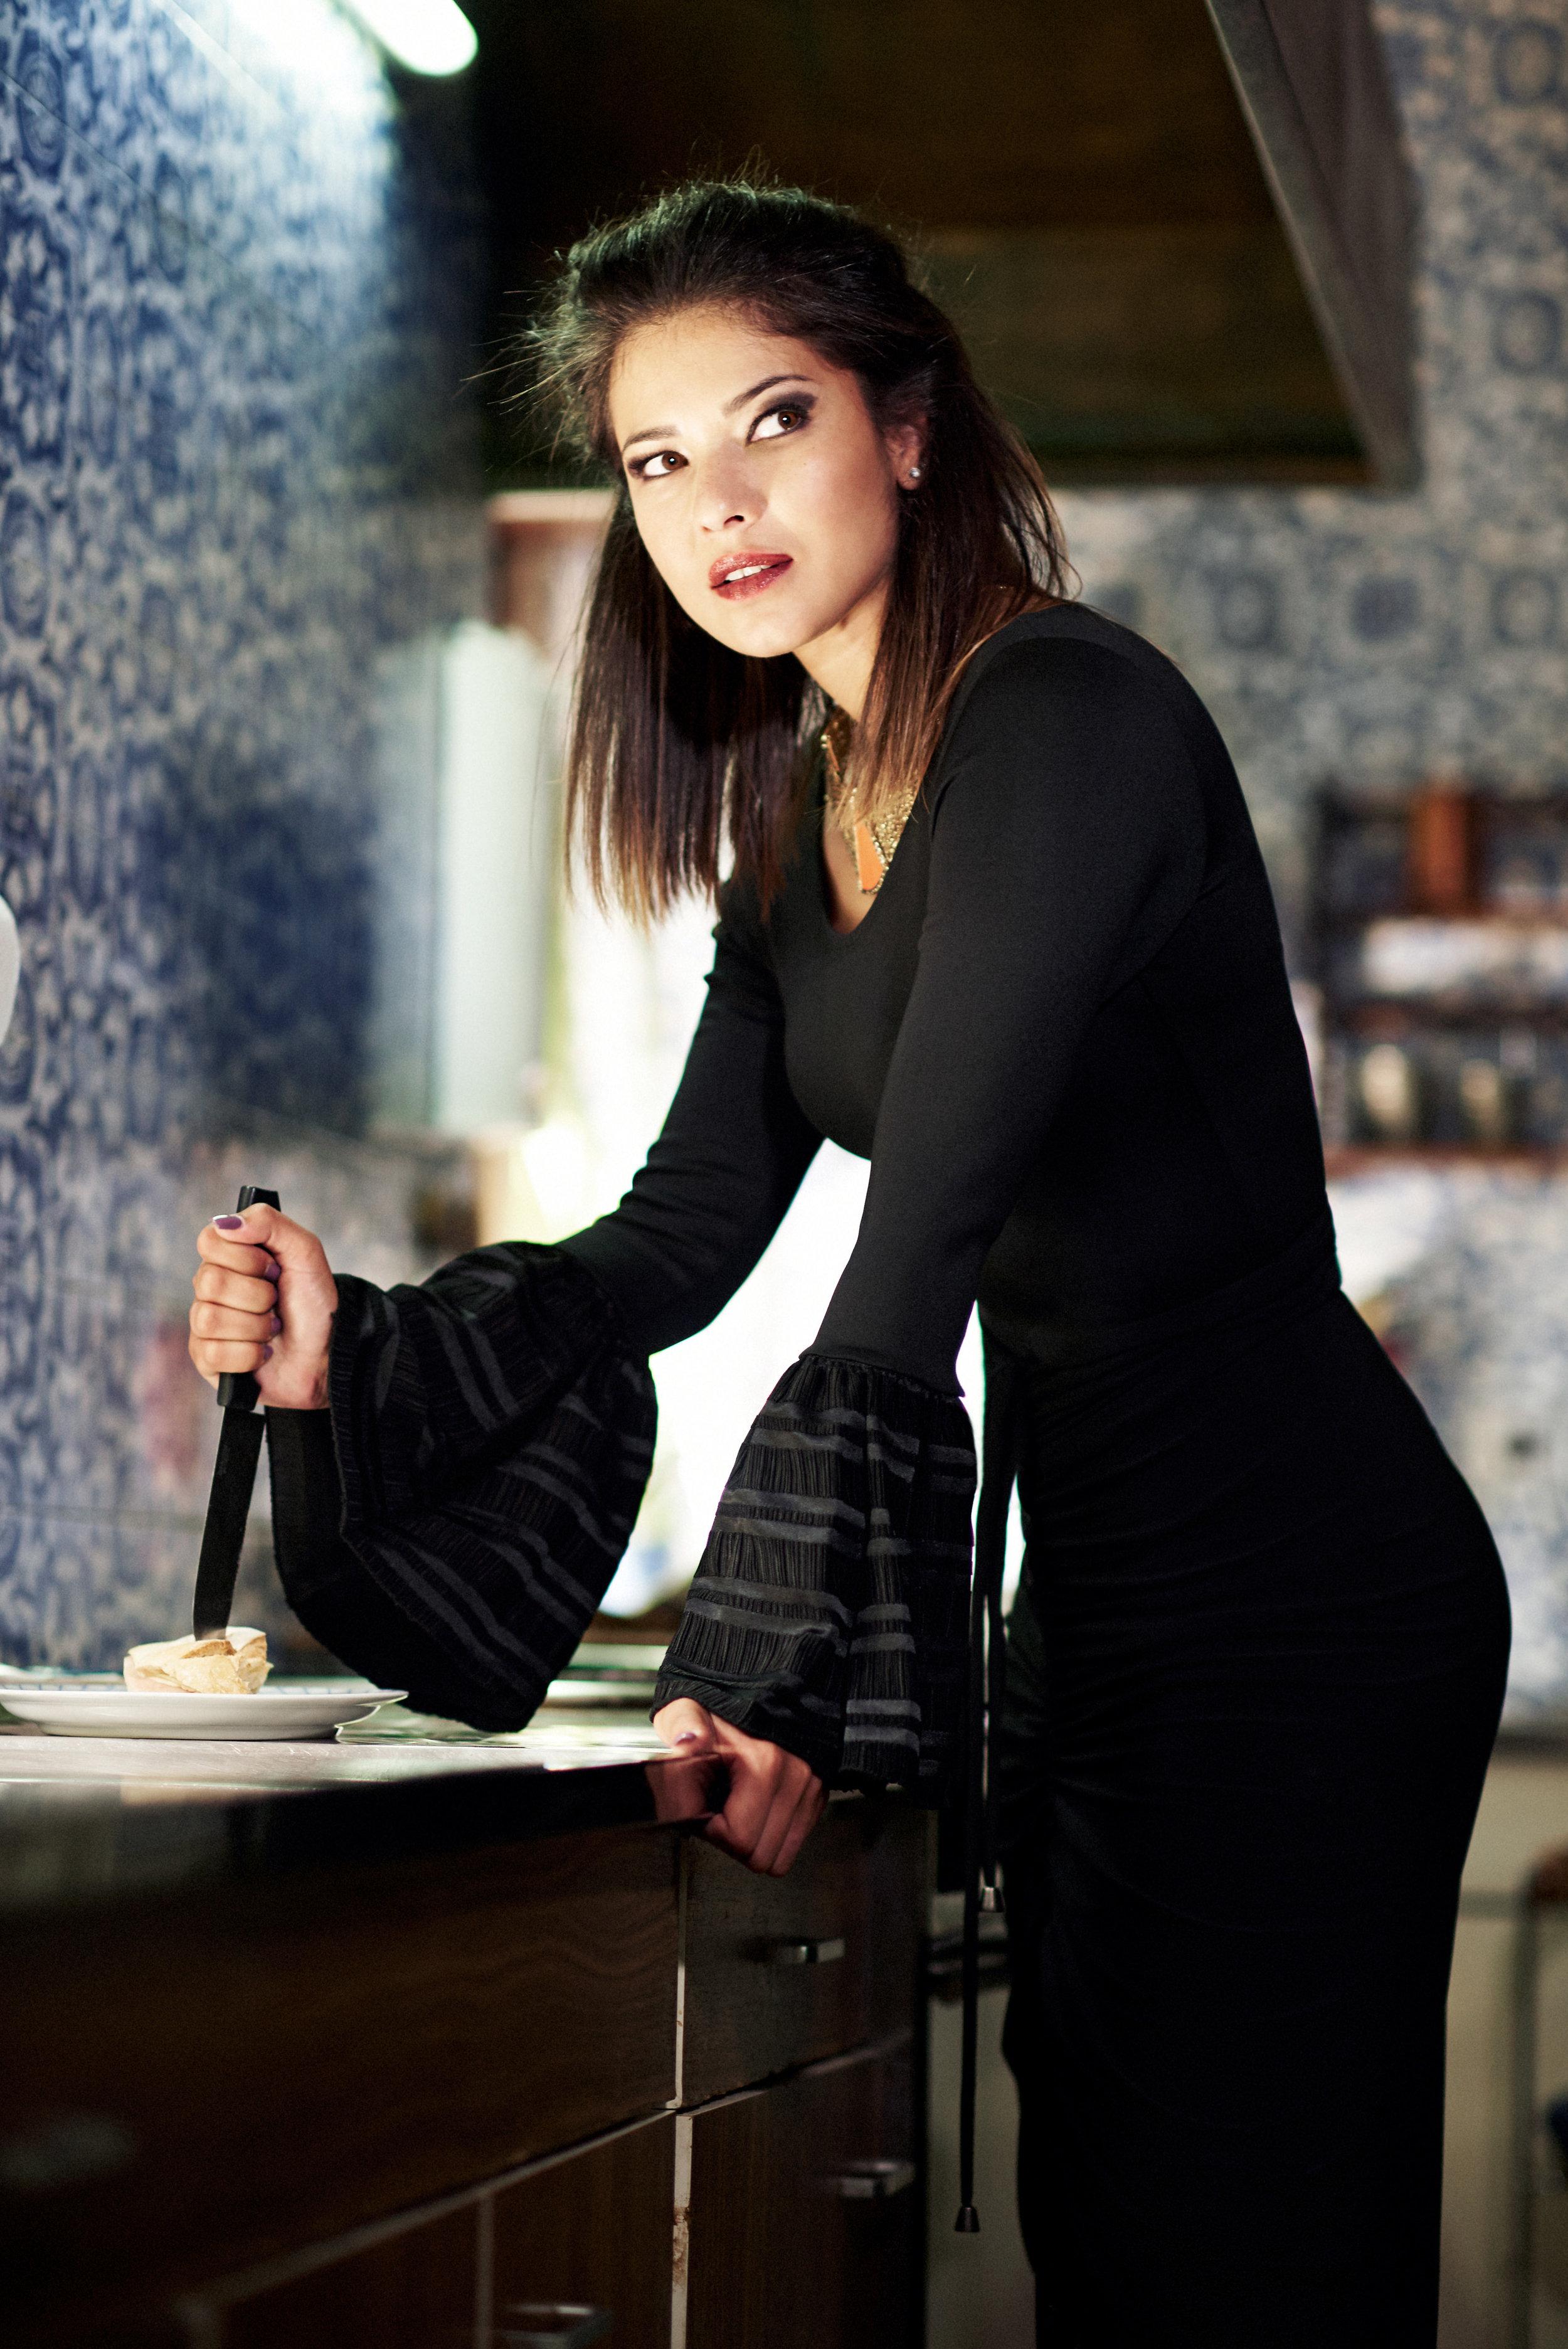 Marta-Hewson-Portugal-Fashionshoot-Amanda33028.jpg